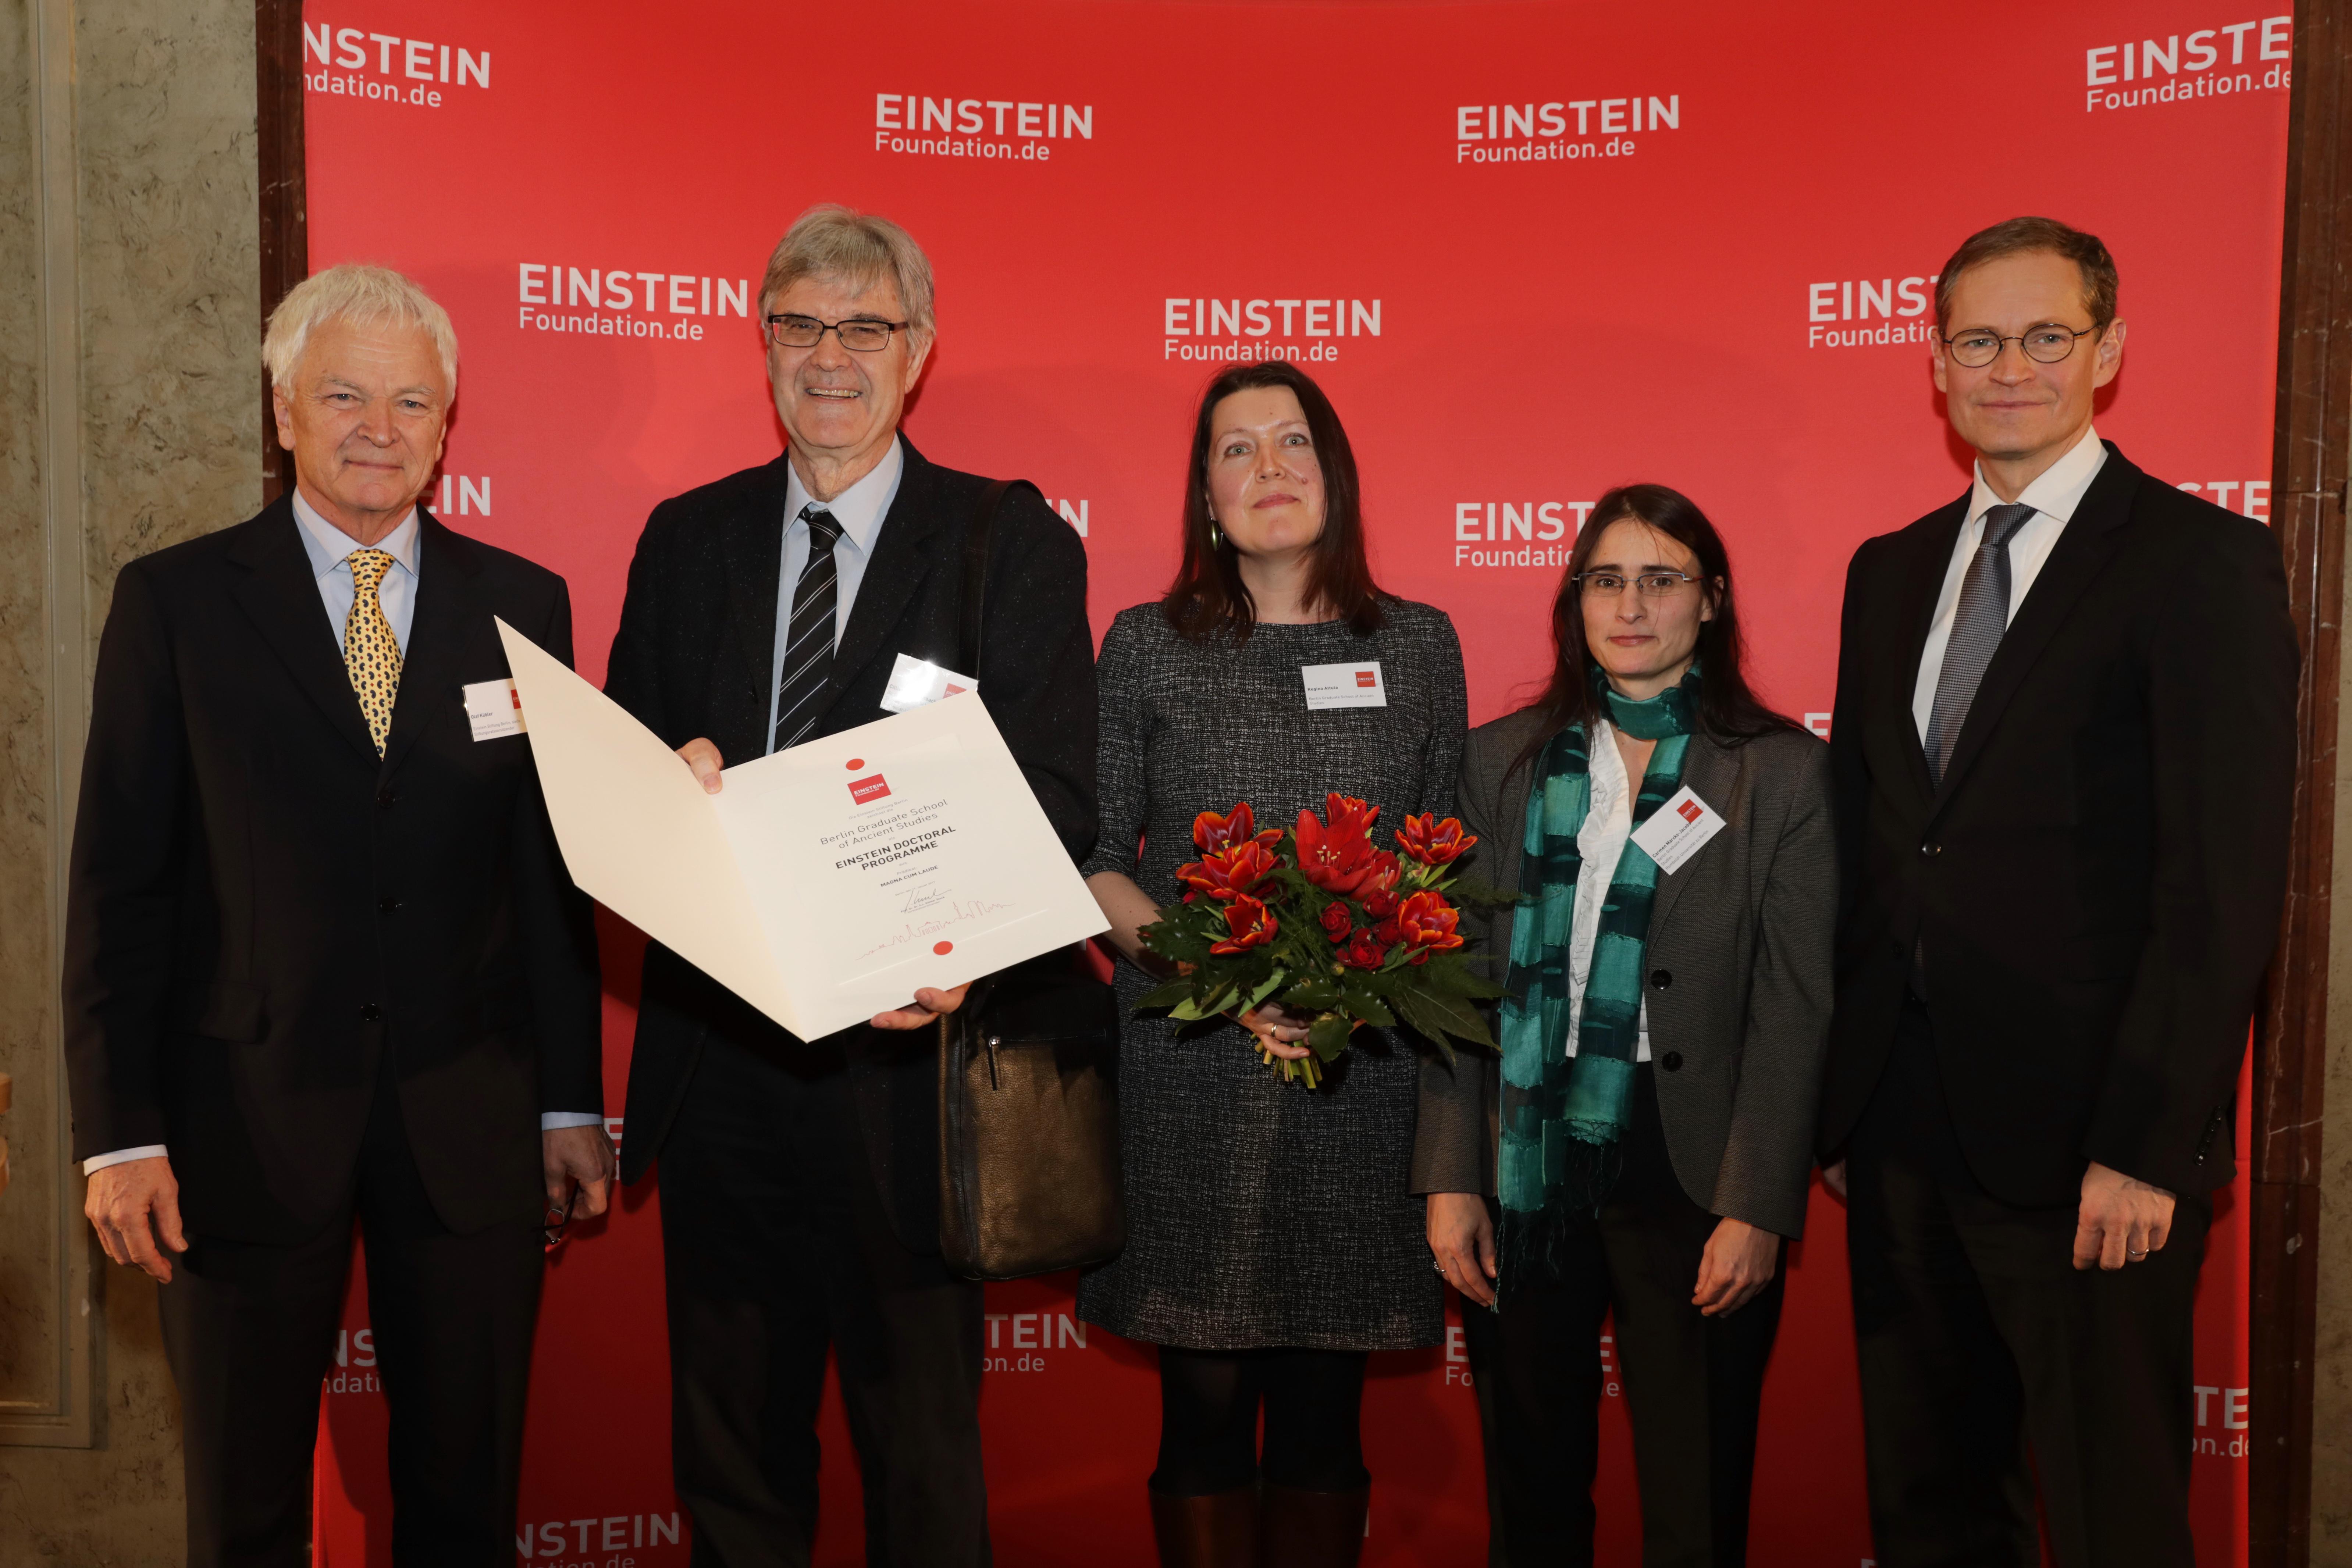 Pressefoto der Urkundenübergabe an die BerGSAS   Foto: Sebastian Gabsch, Einsteinstiftung